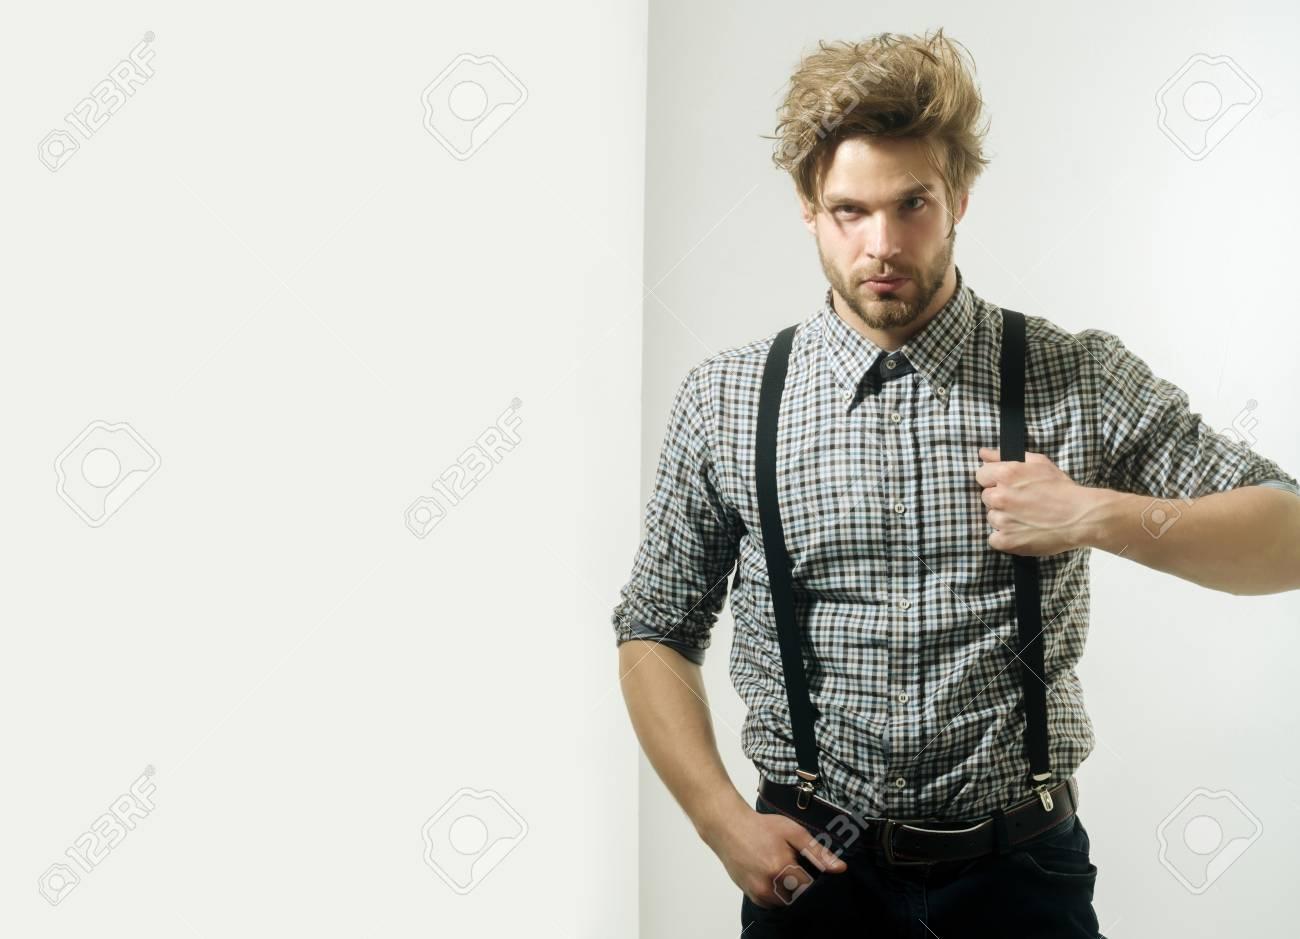 Bel Homme Ou Macho Avec La Barbe Et Les Cheveux De Style Coupe De Cheveux En Chemise A Carreaux Un Jean Avec Des Bretelles Sur Fond Blanc La Coiffure Et De La